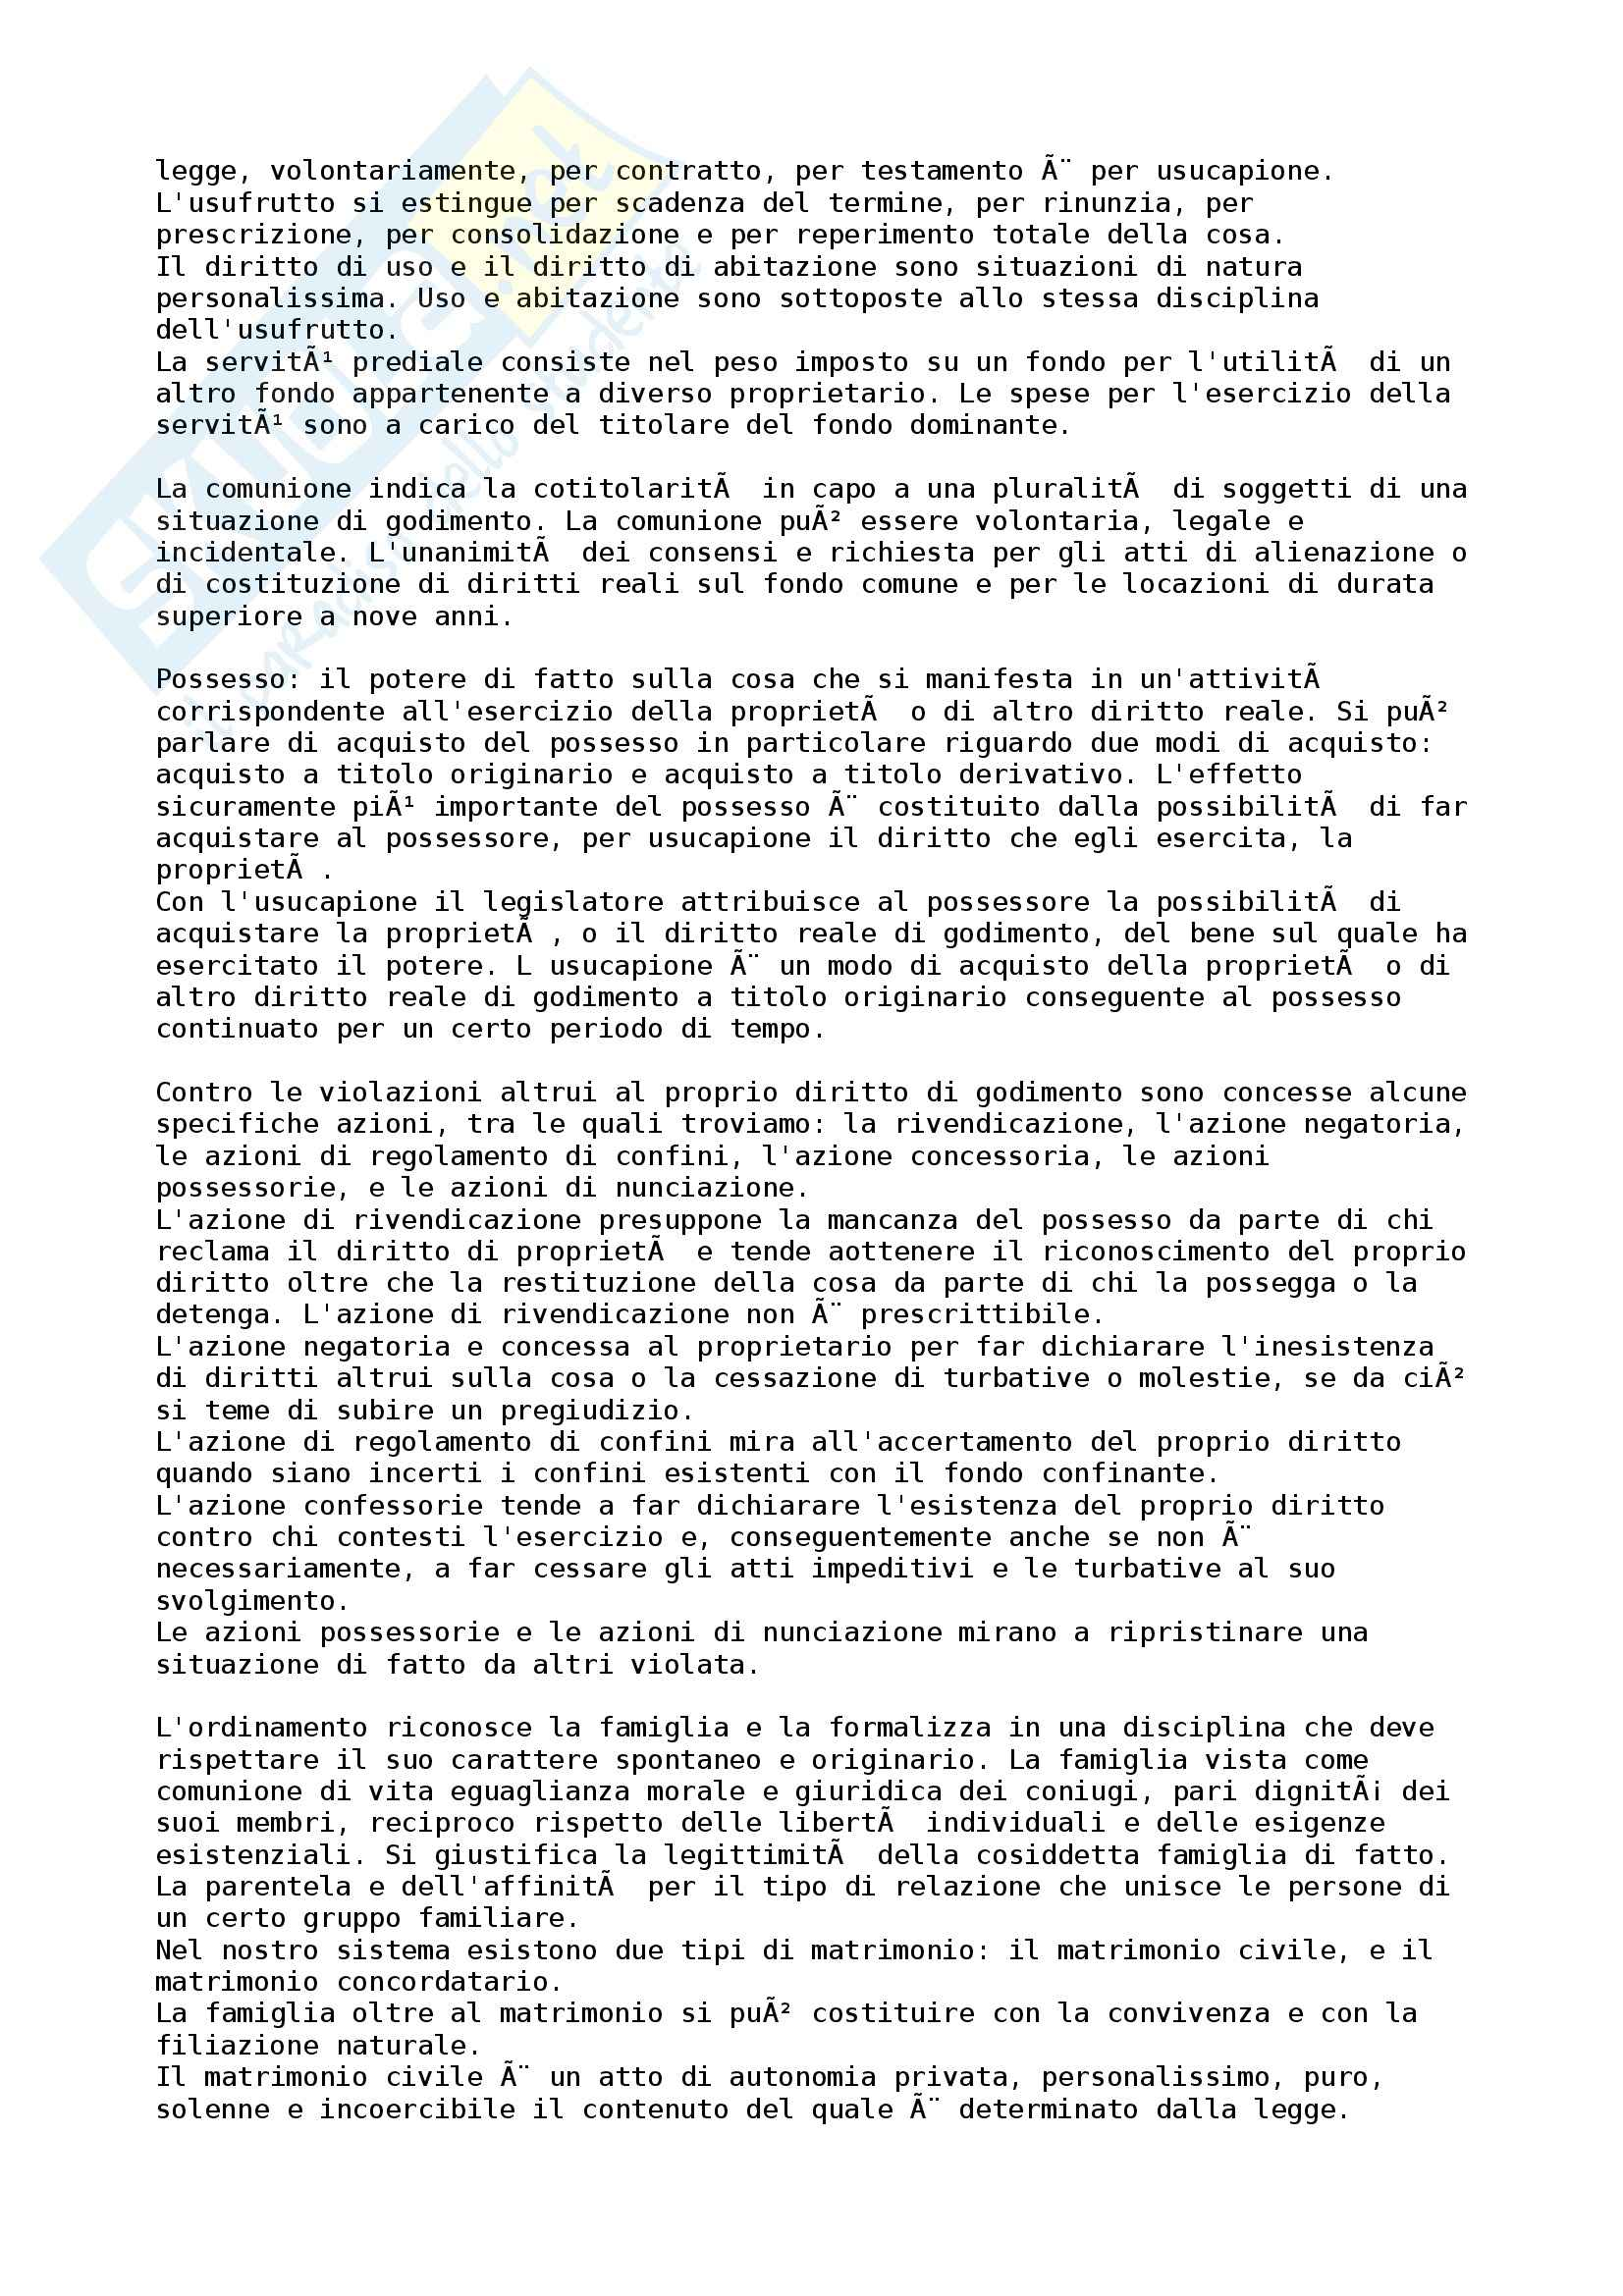 Riassunto esame Diritto privato, prof. Ruscello Pag. 6